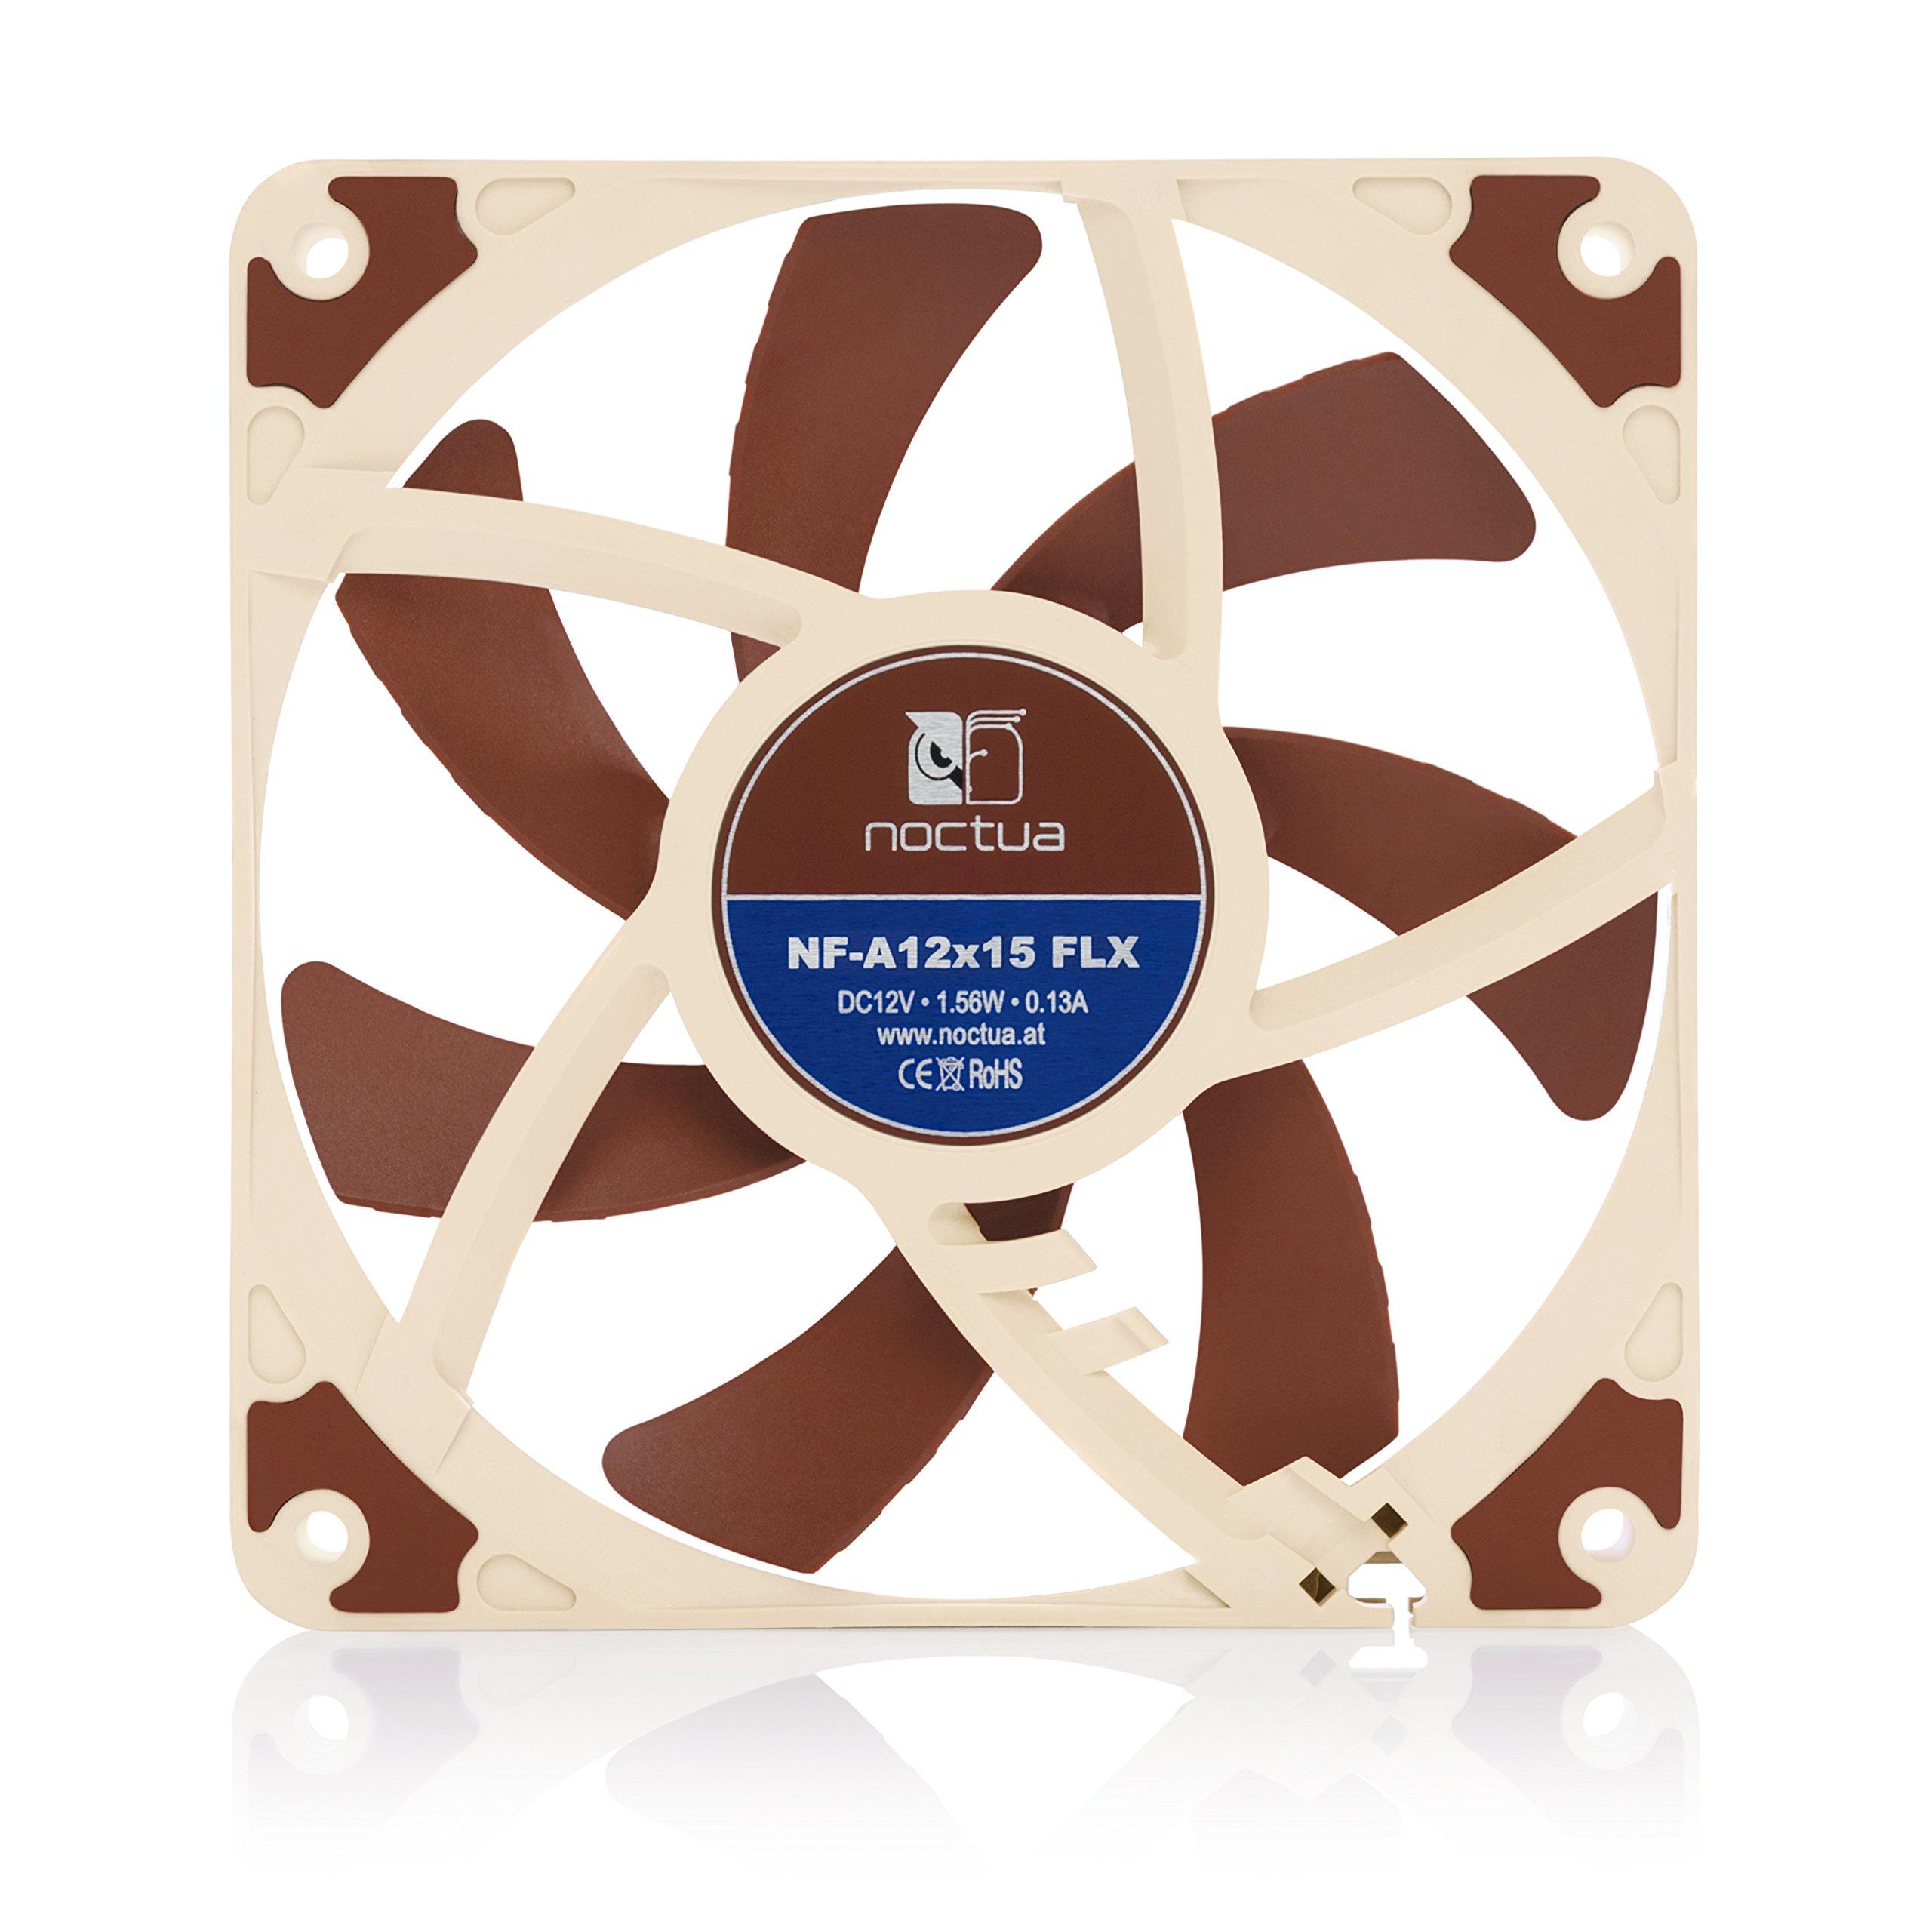 Noctua NF-A12x15 FLX Premium-Quality Quiet Slim 120mm Fan